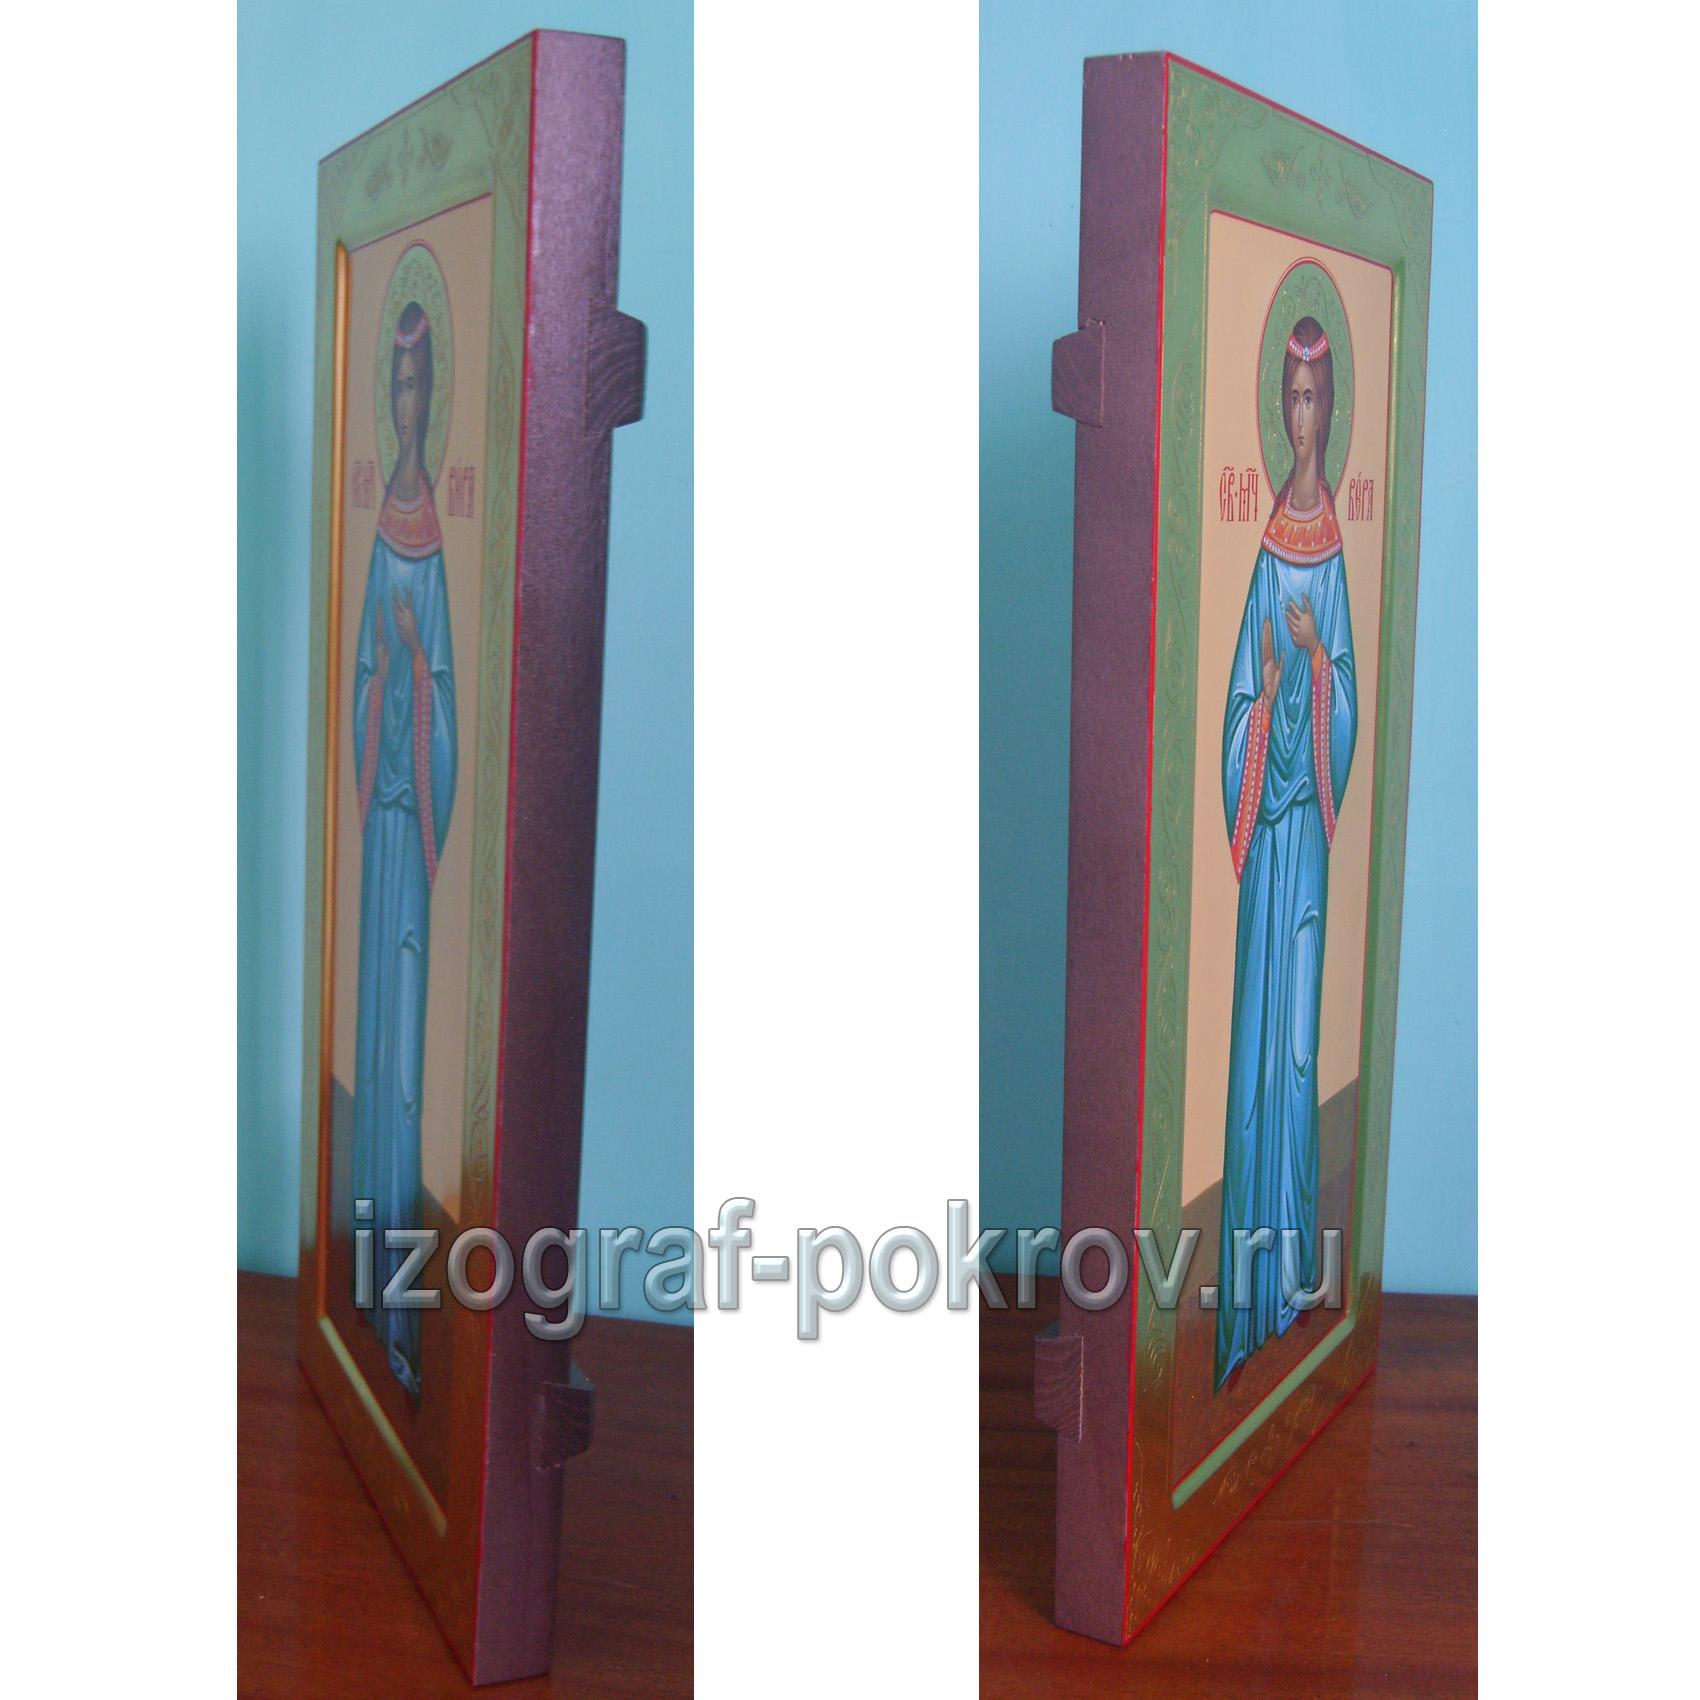 Мерная икона мученица Вера вид боку